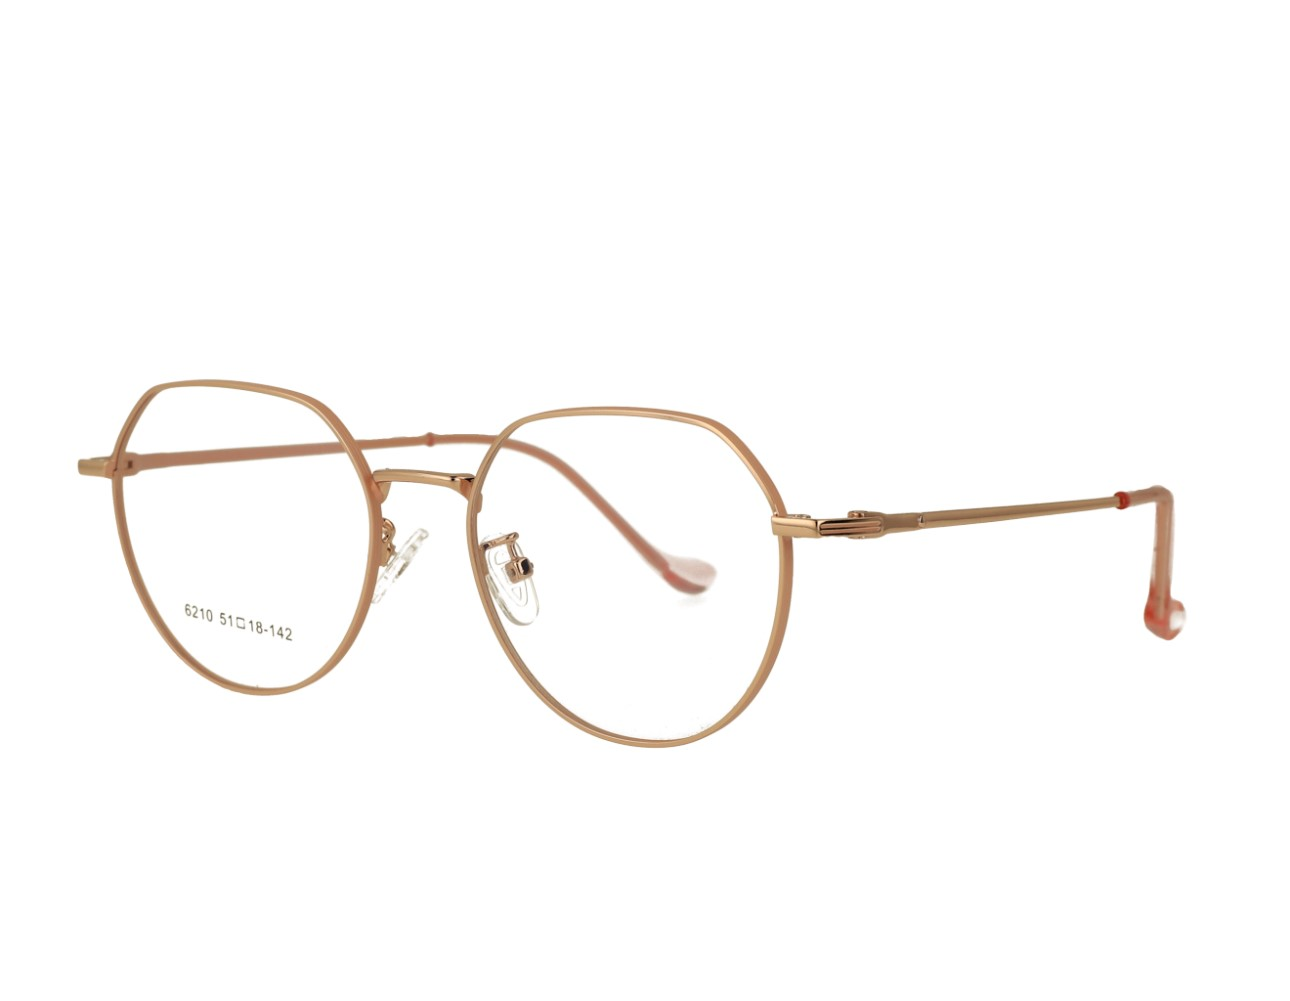 51 Size Stainless Steal Retro Metal Frame Fashion Optical Eyewear Manufacturer